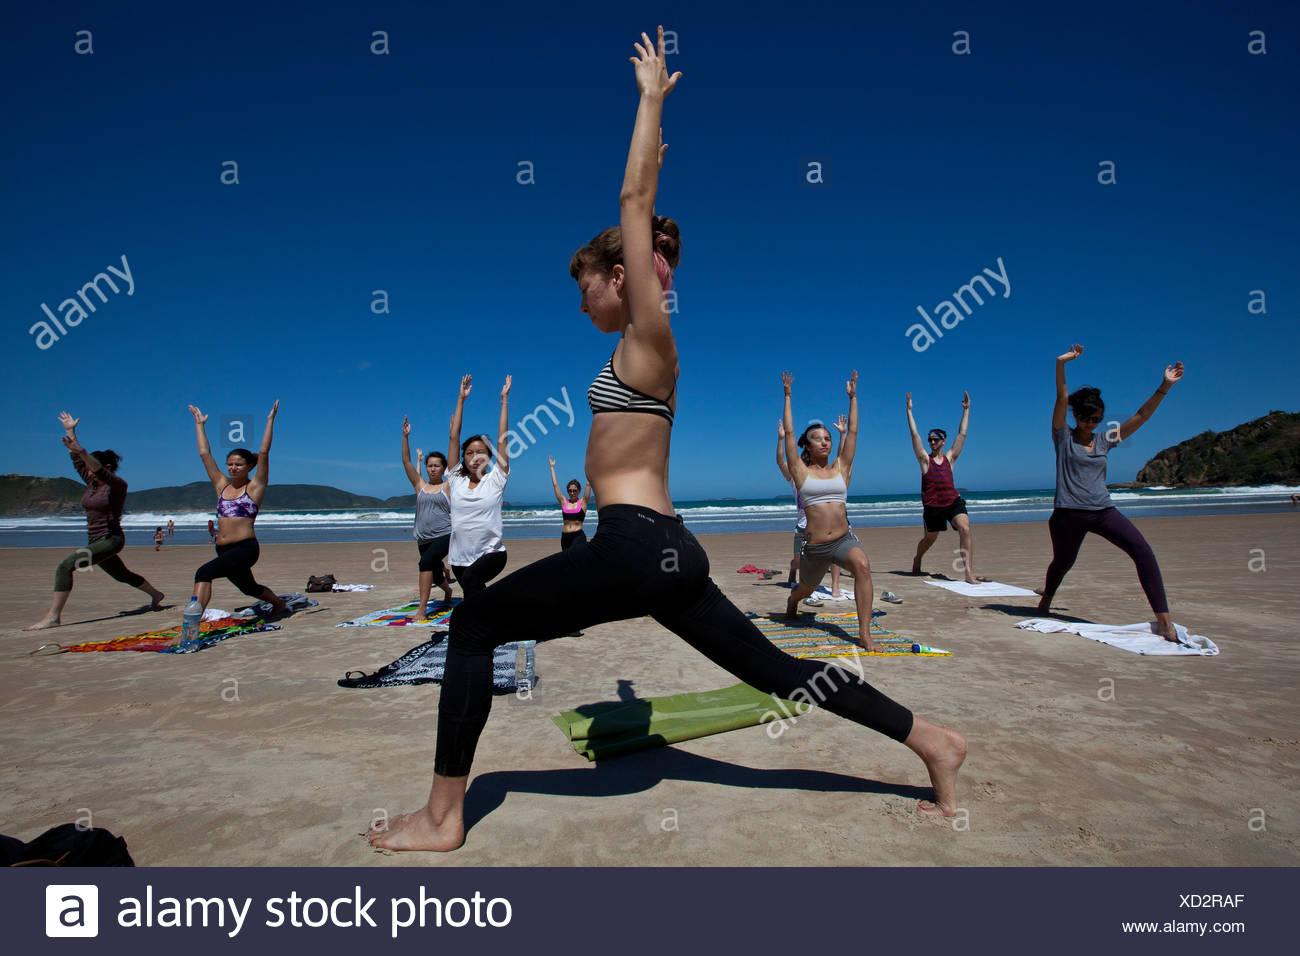 Young people practicing yoga at Geriba beach, Armacao de Buzios, Rio de  Janeiro State bb802fb3e2